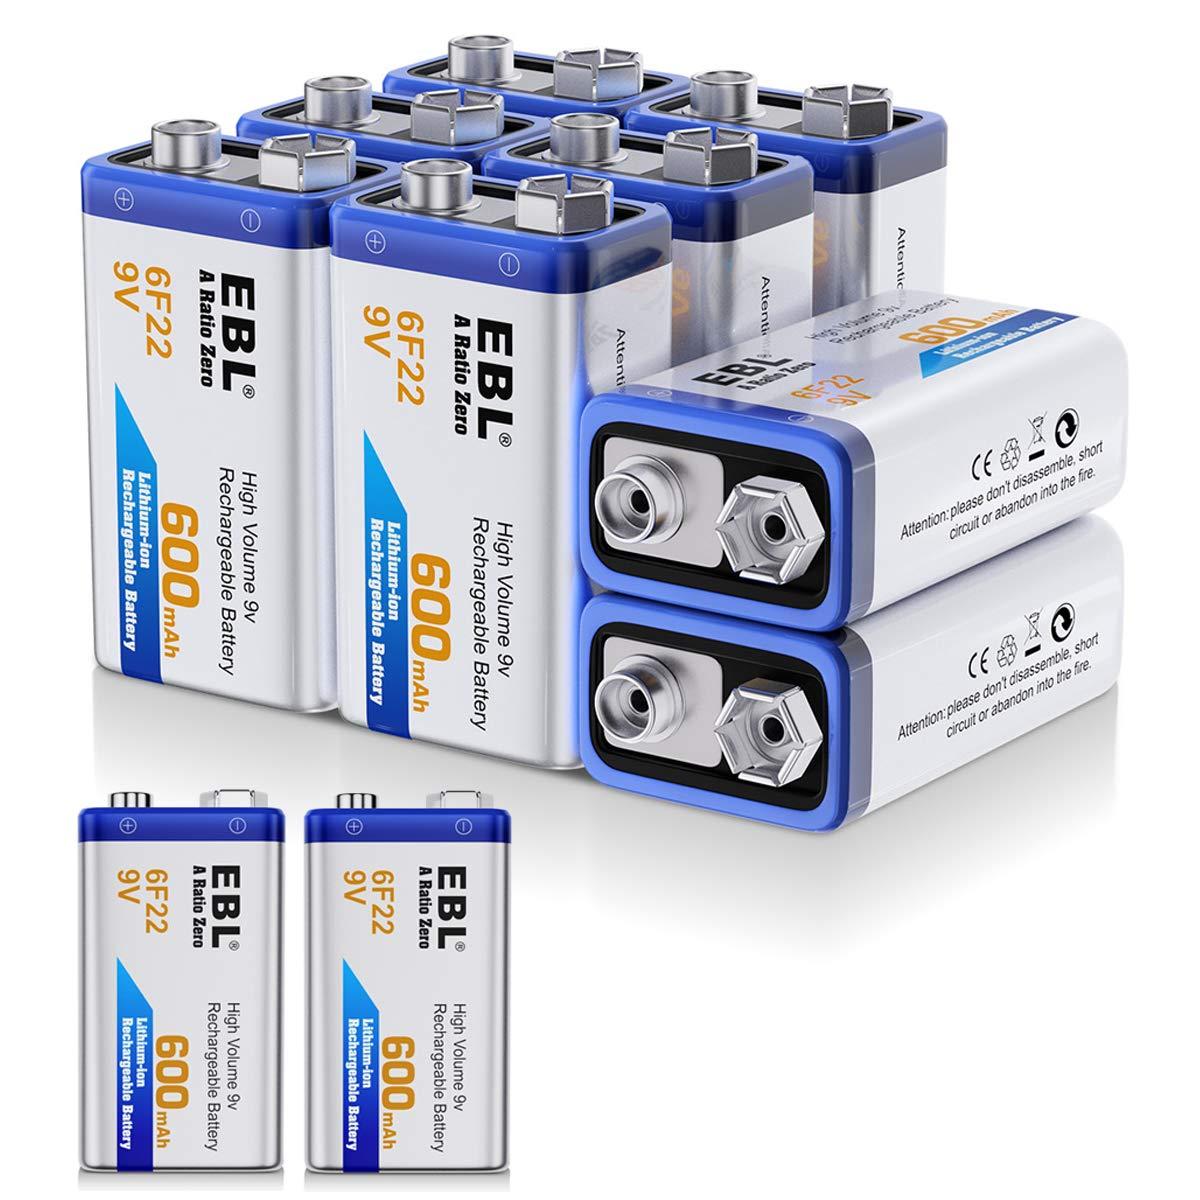 EBL 600mAh 9 Volt Li-ion Rechargeable 9V Batteries Lithium-ion, 10 Pack by EBL